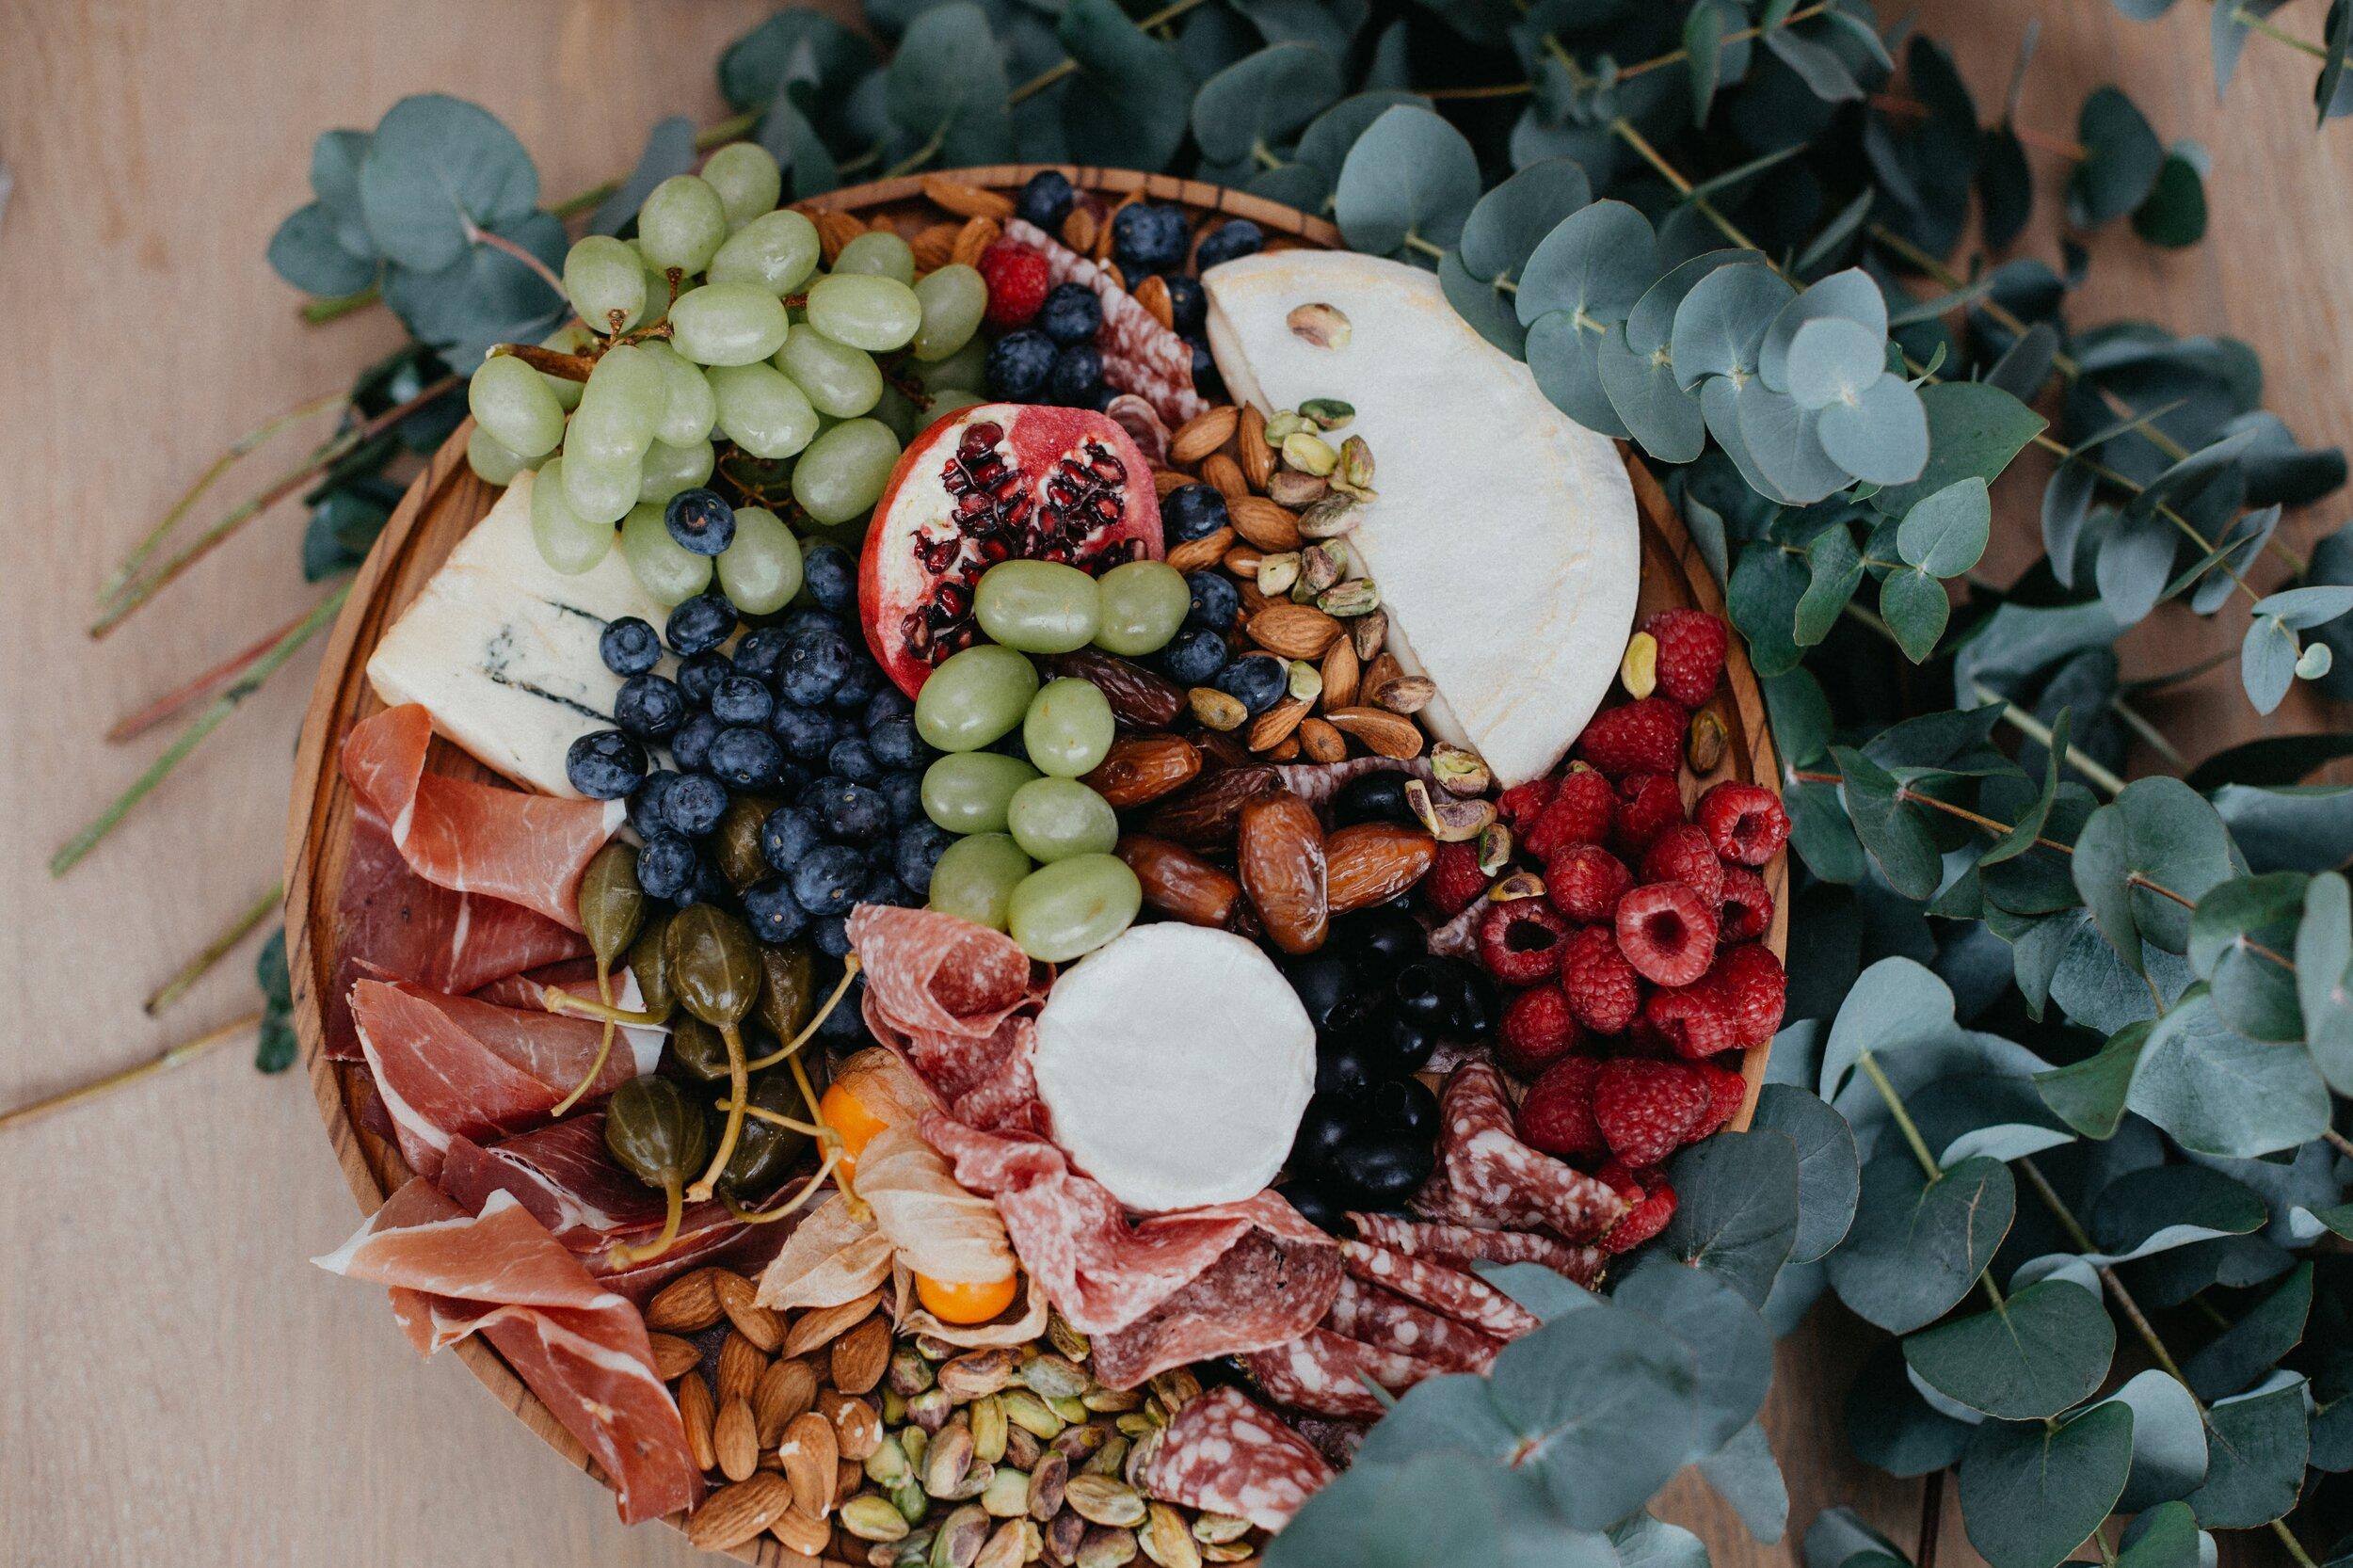 H&R food platter for 8 antipasti on teak board 3.jpg